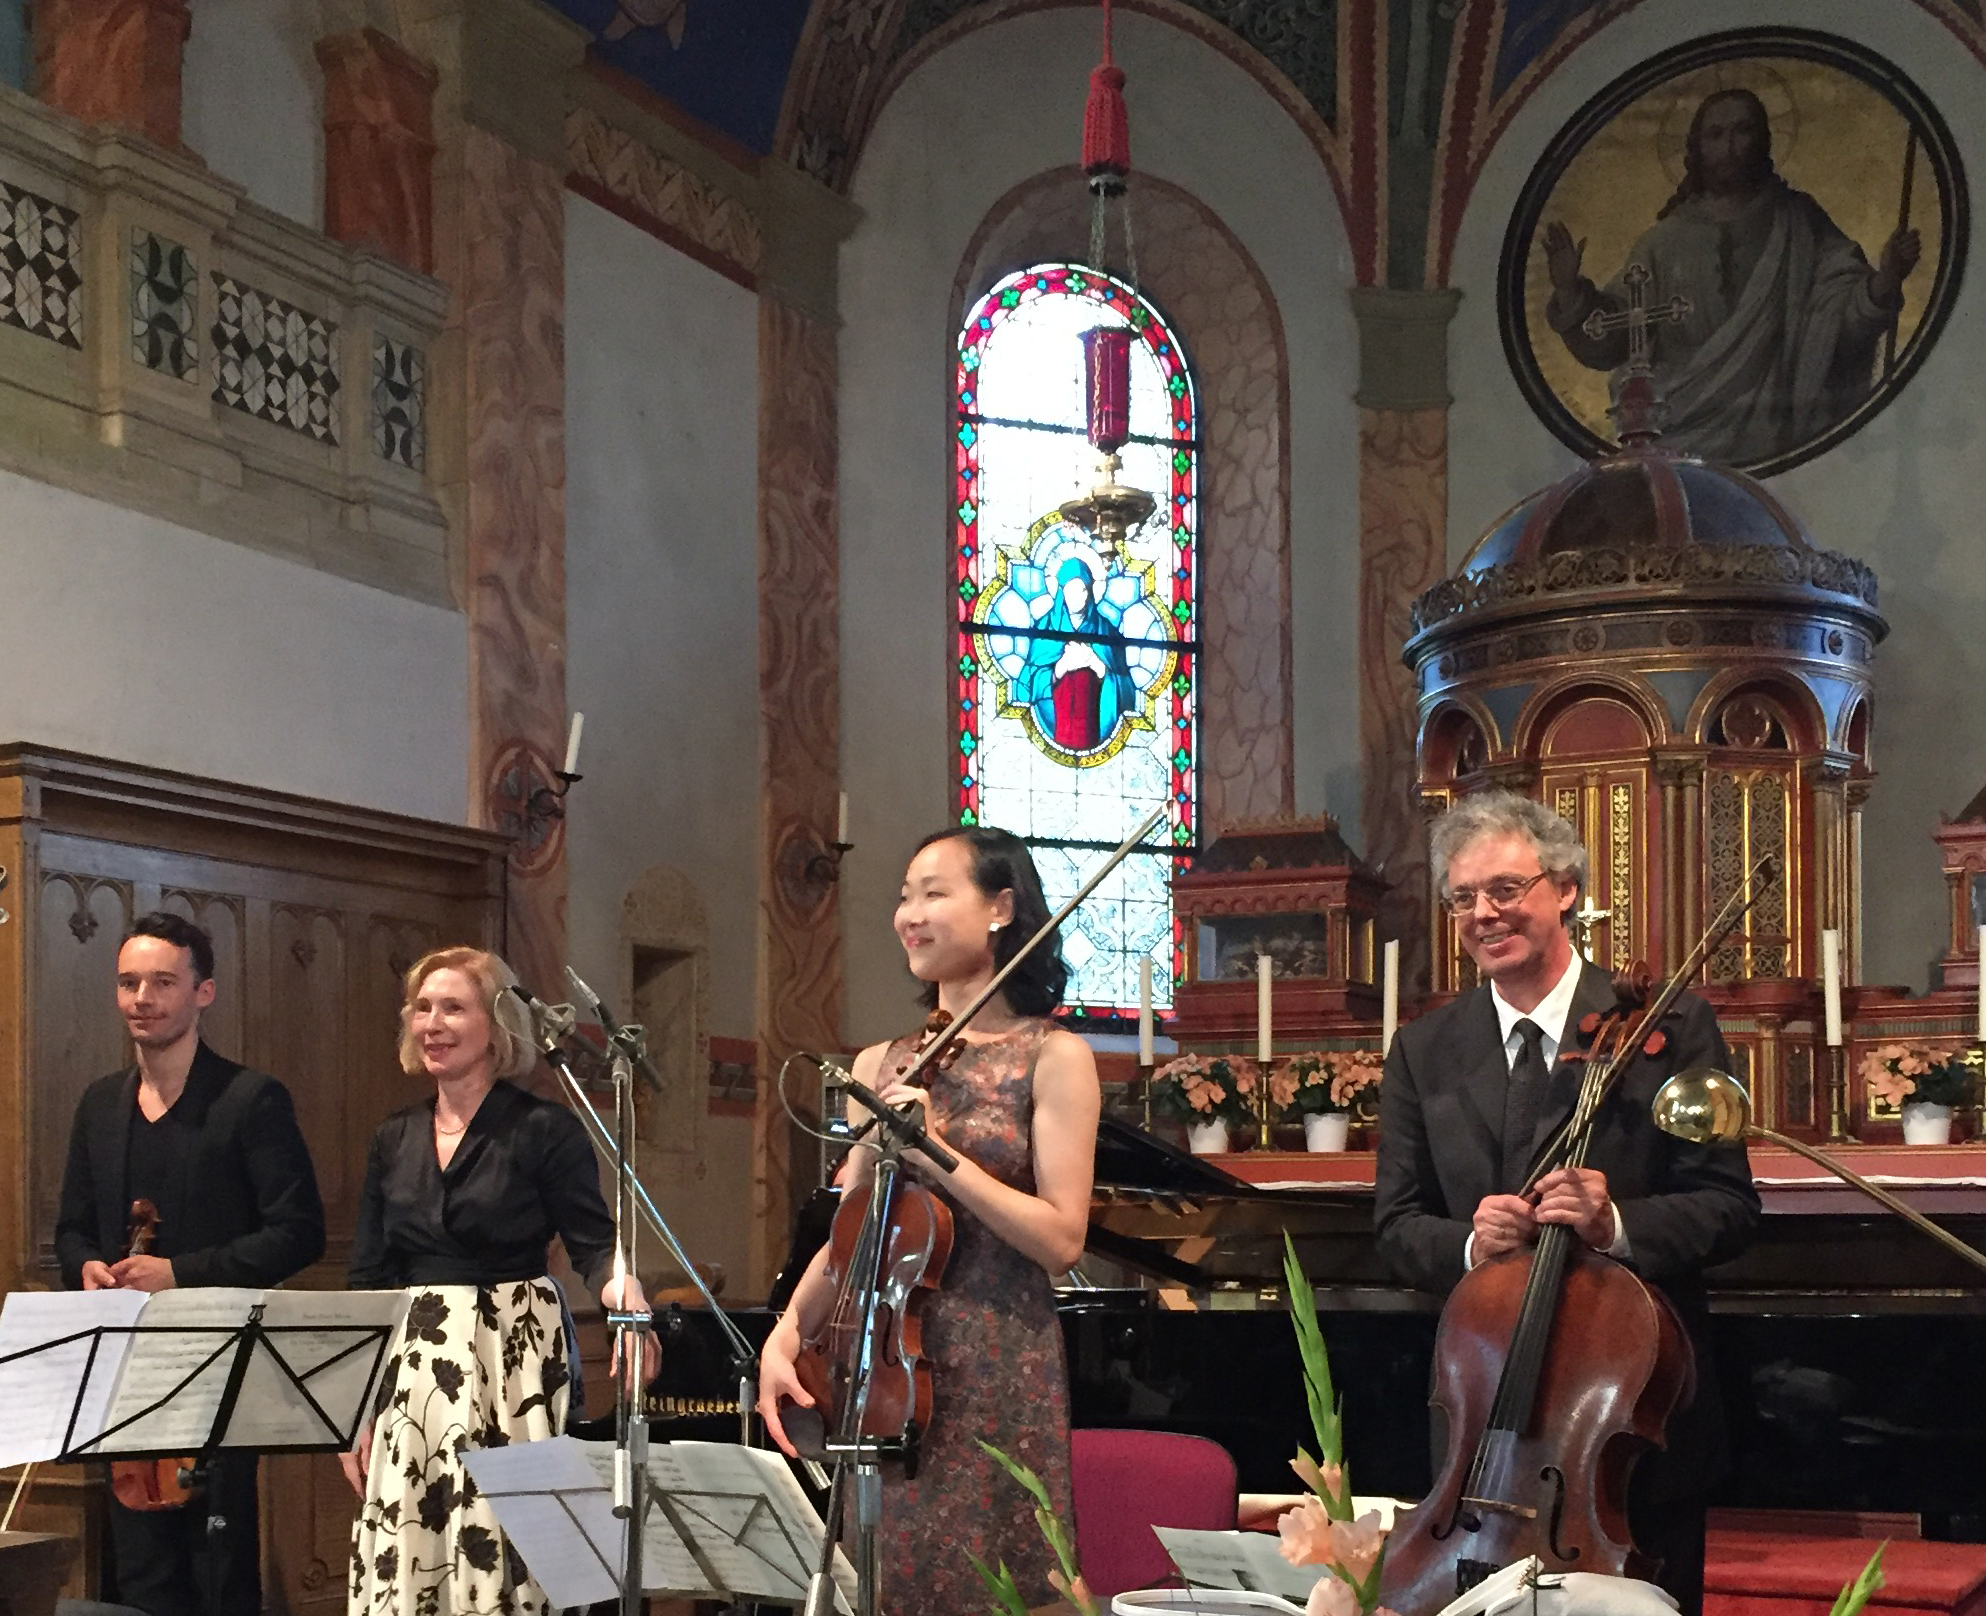 Linus Roth, Margarita Höhenrieder, Wenting Kang, Julius Berger Foto: Monika Dittmar